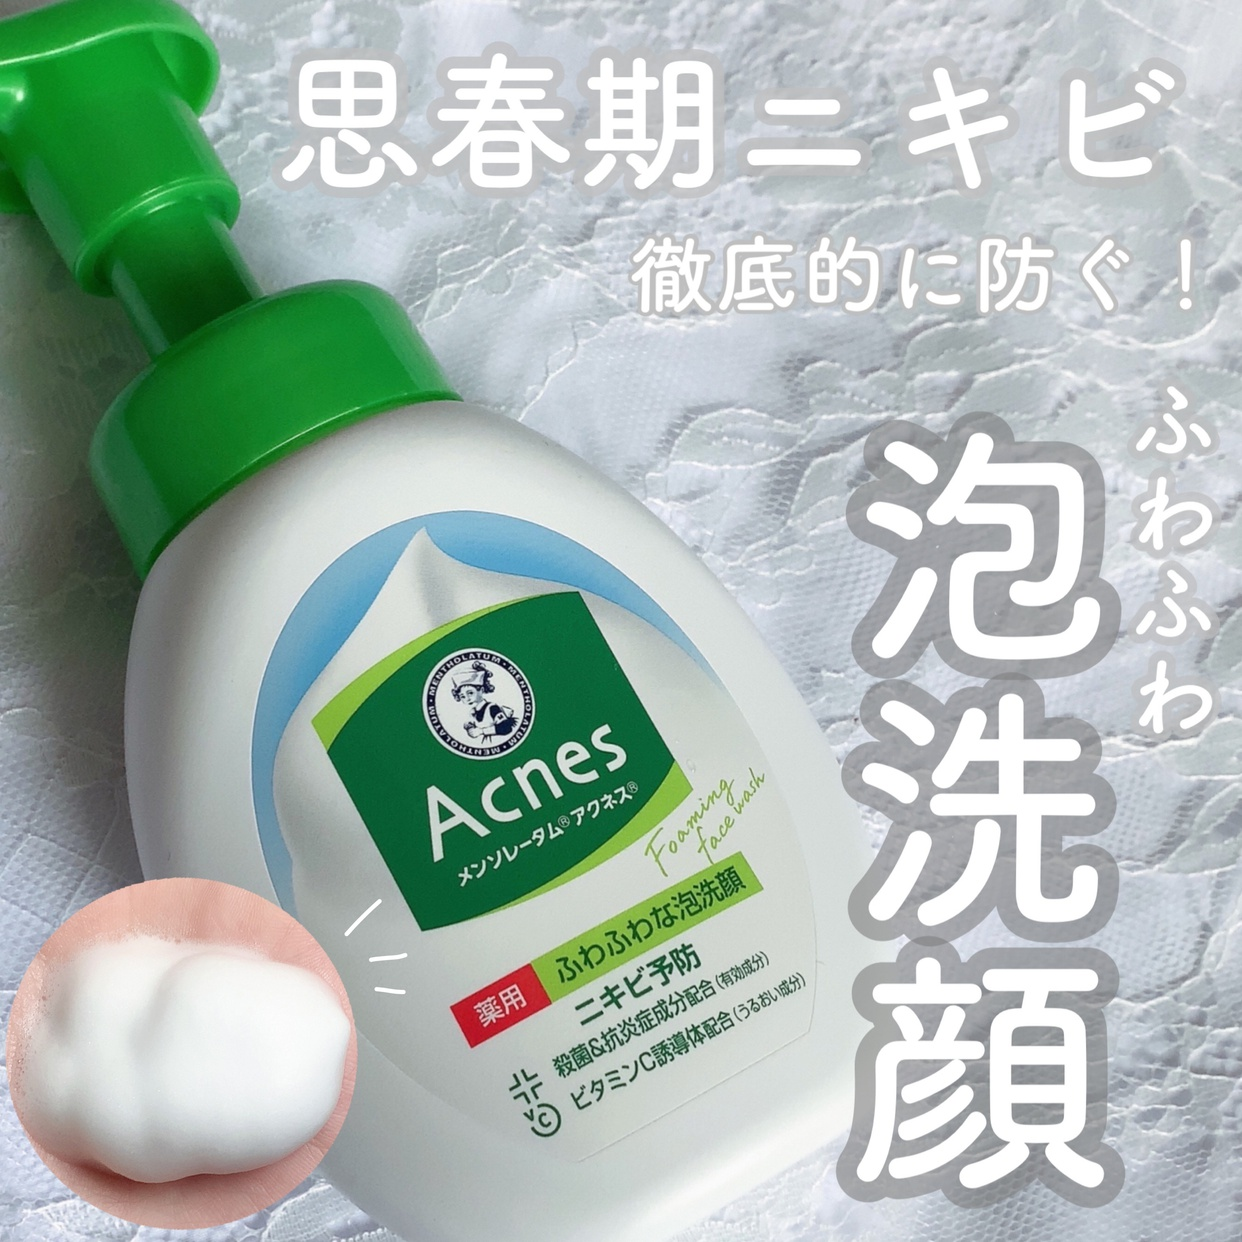 MENTHOLATUM Acnes(メンソレータム アクネス) 薬用ふわふわな泡洗顔を使ったちょびさんのクチコミ画像1